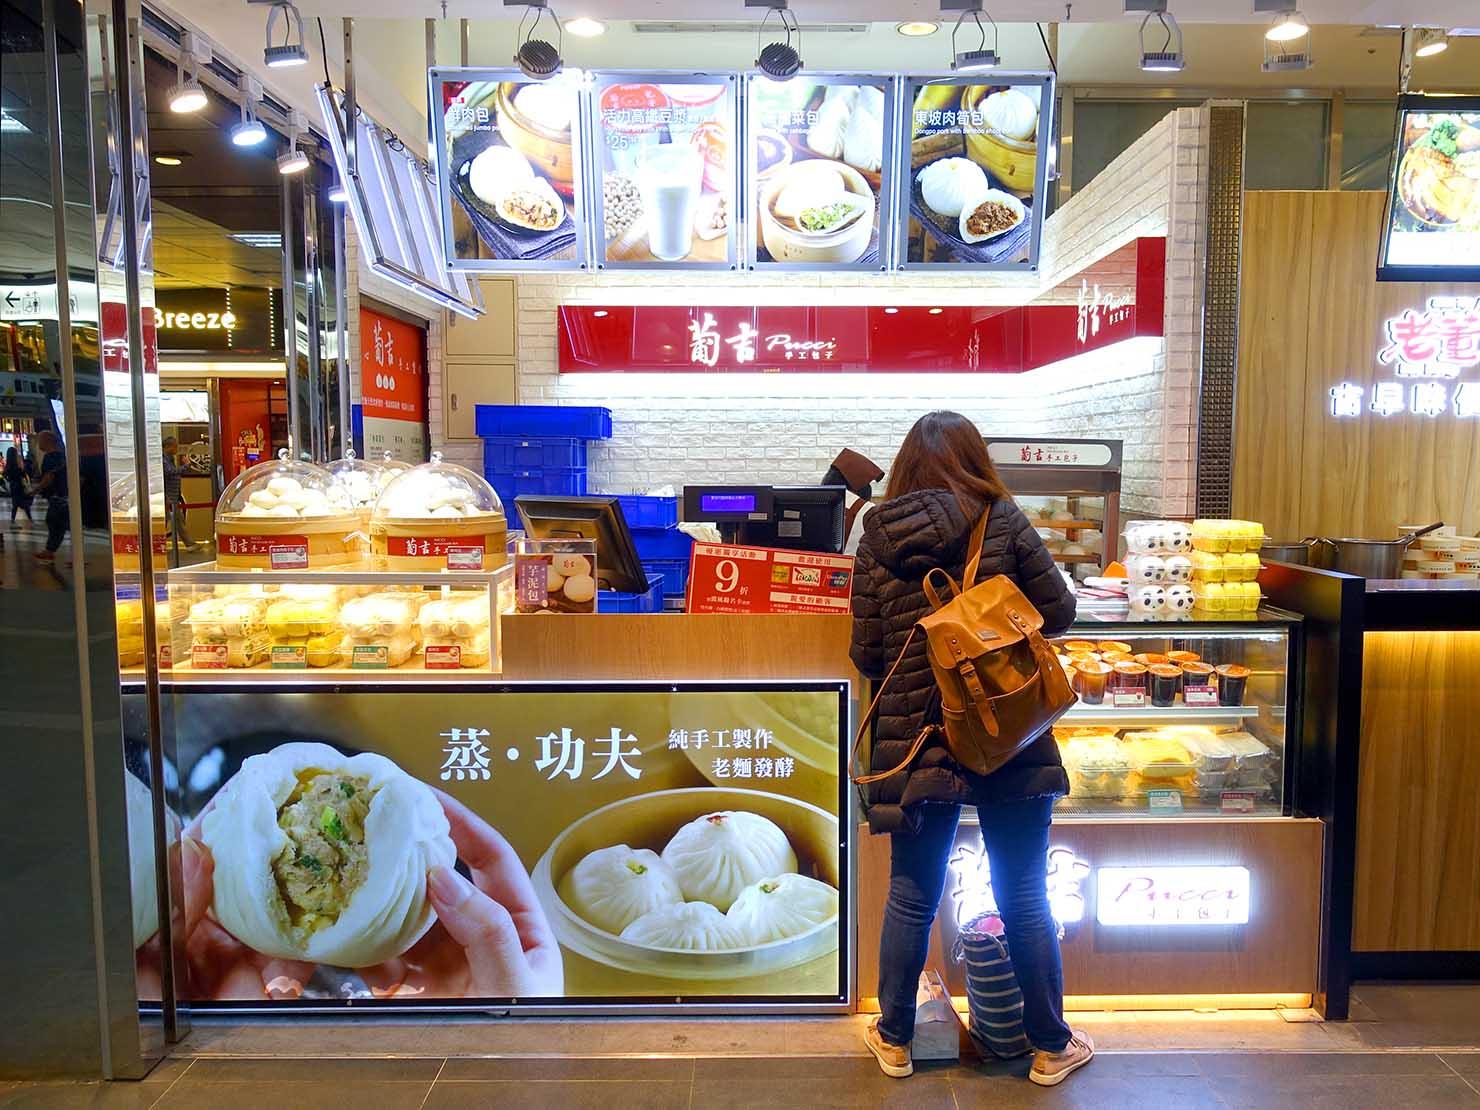 台北駅駅ナカ(車站大廳)のおすすめグルメ店「葡吉手工包子」の外観